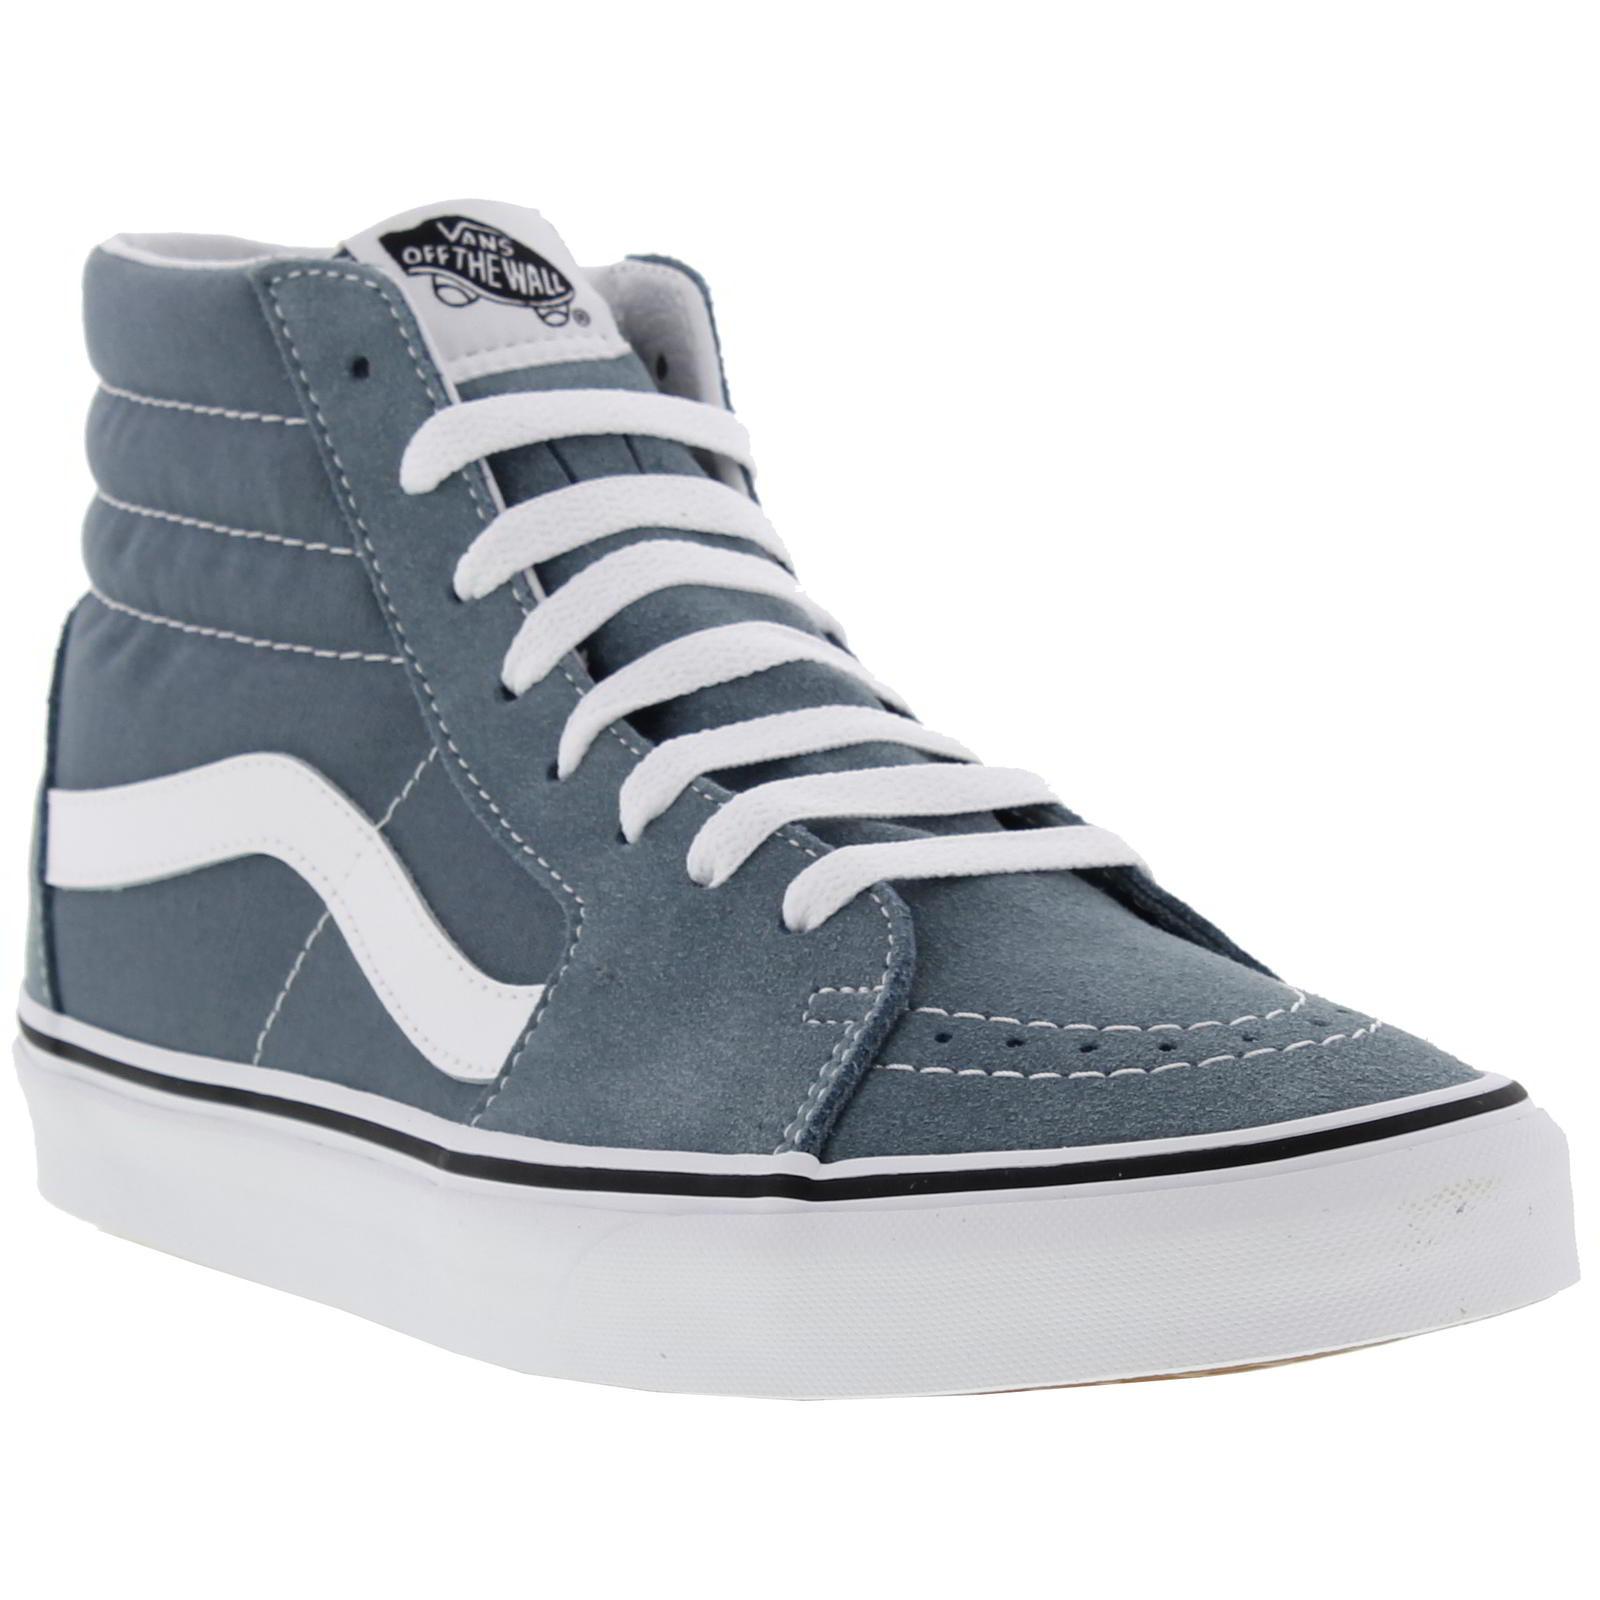 df31dc8d30df Detalles de Vans Sk8 Hi para hombre azul ante y lona Hi Top Botas  Zapatillas Size UK 8-9- ver título original